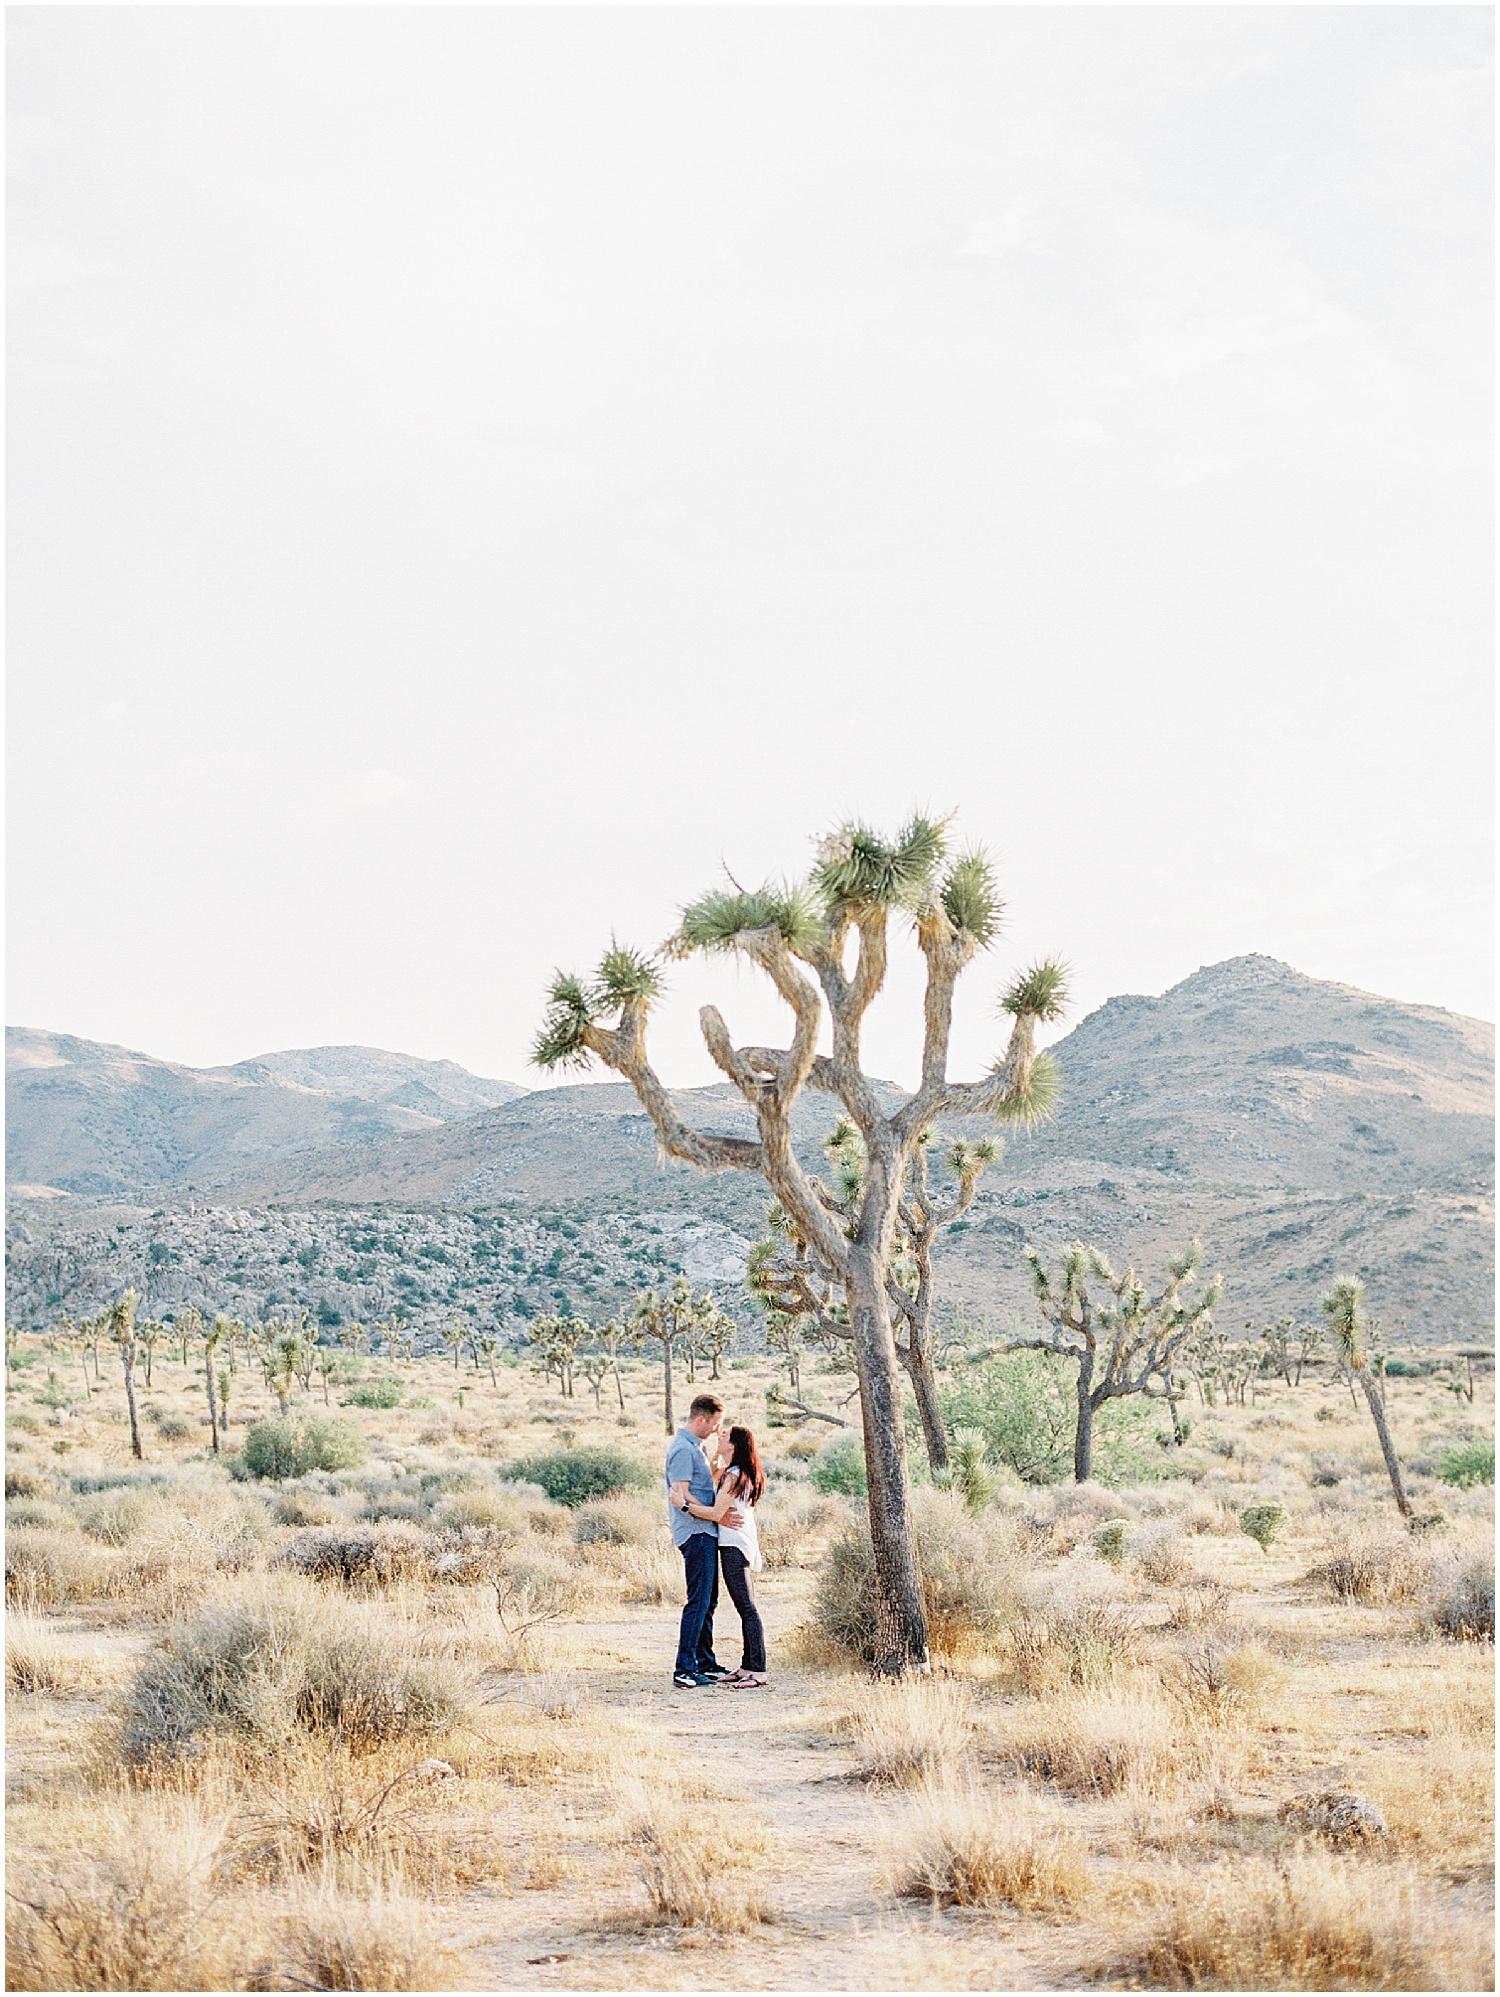 Palm Springs Wedding Photographer | Old Las Palmas Wedding | Film | Contax 645 -017.jpg